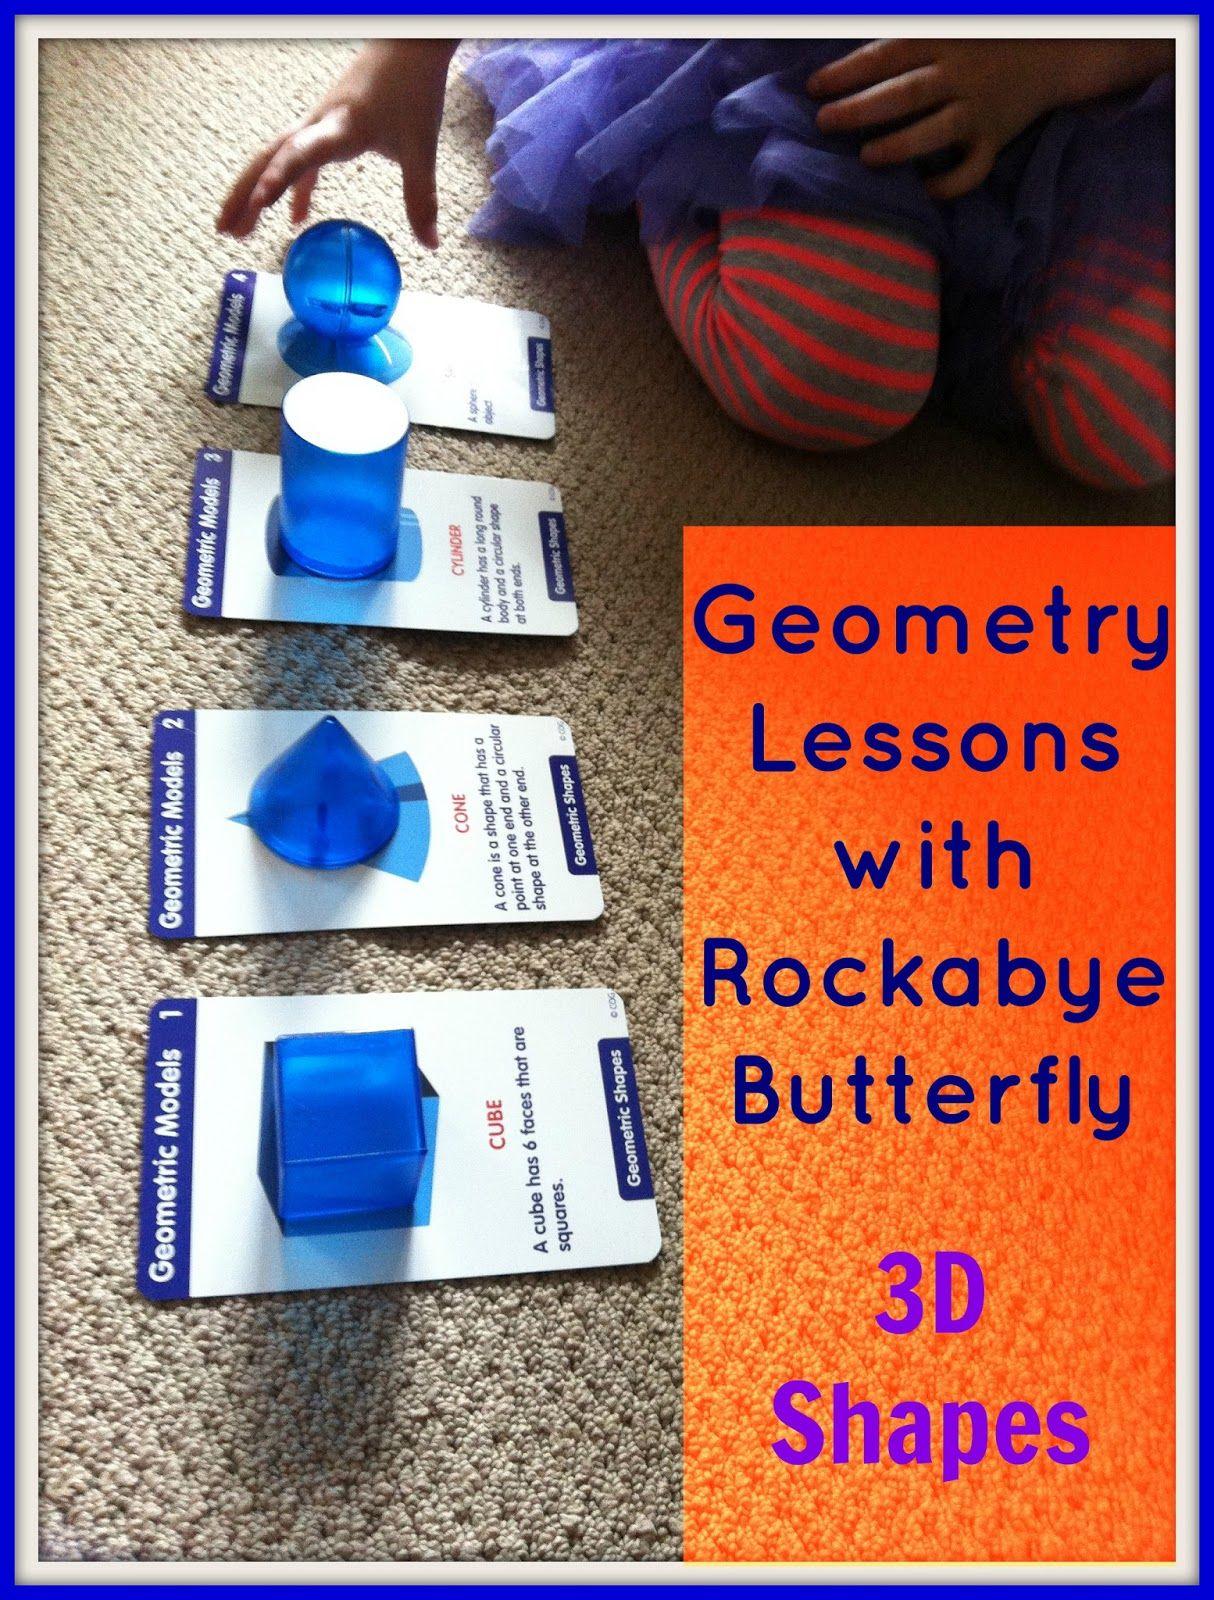 Rockabye Butterfly